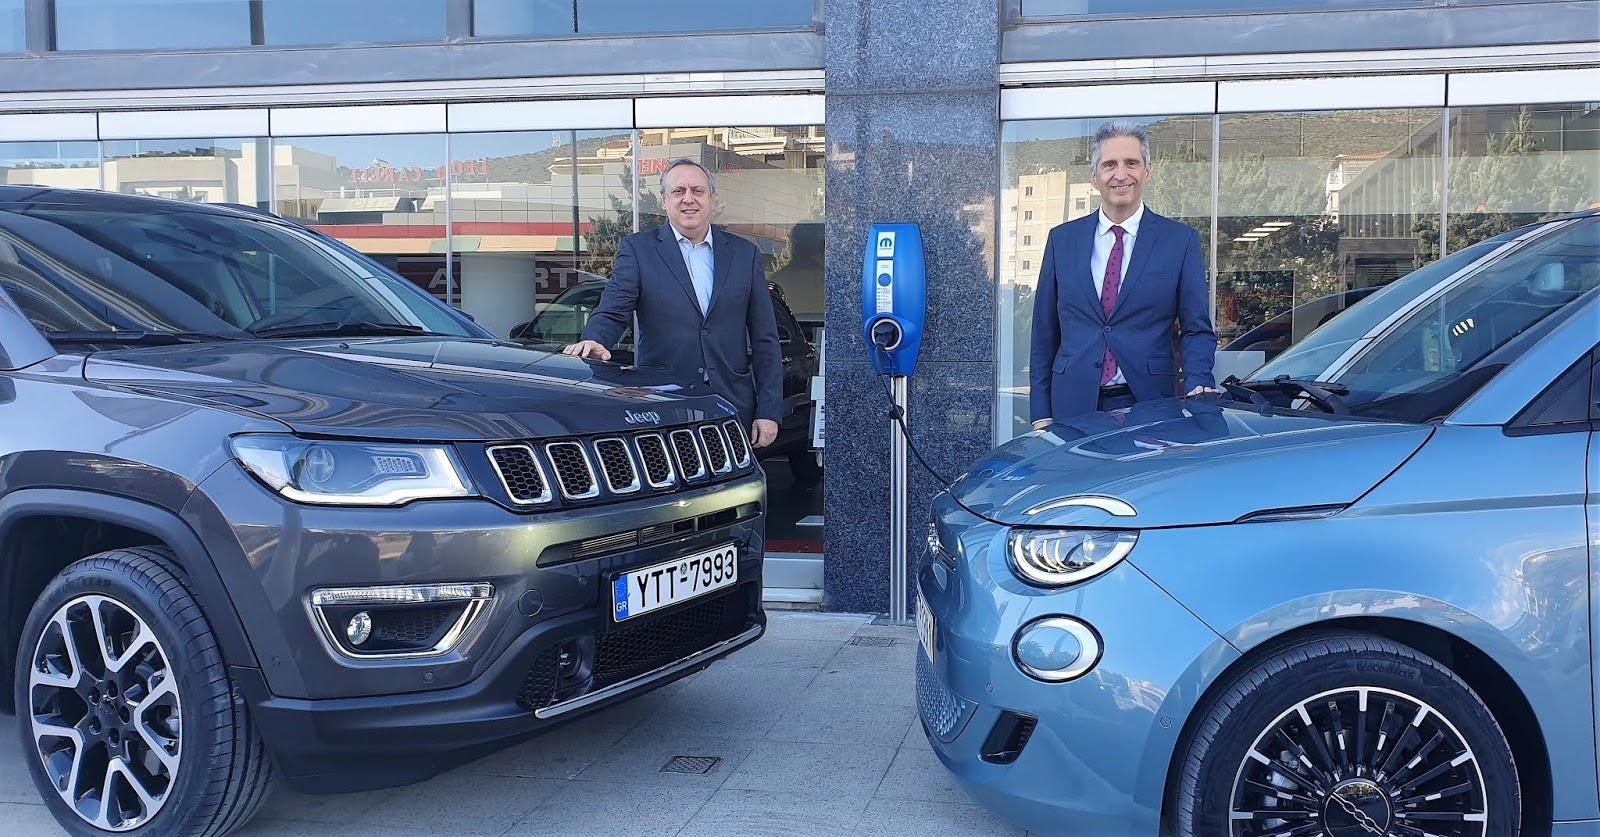 20210113 131221 5ffef51737bd6 e-Mobility by FCA Greece : Εστιάζοντας στη νέα εποχή της εξηλεκτρισμένης αυτοκίνησης στην Ελλάδα